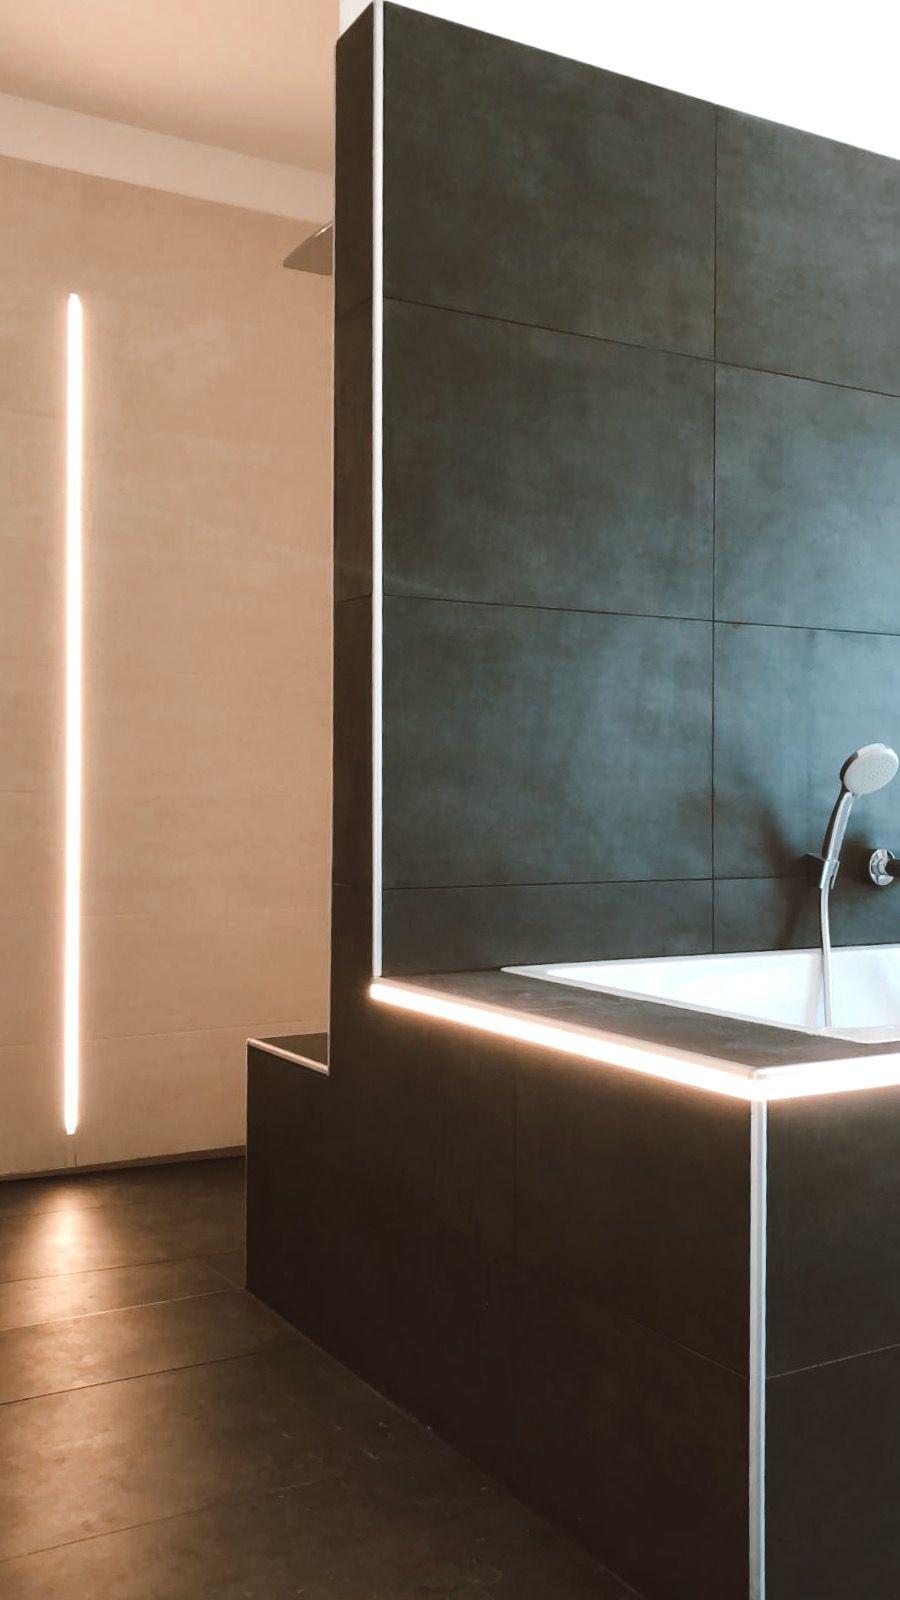 Licht Design Bad Mit Led Schienen Beleuchtungskonzepte